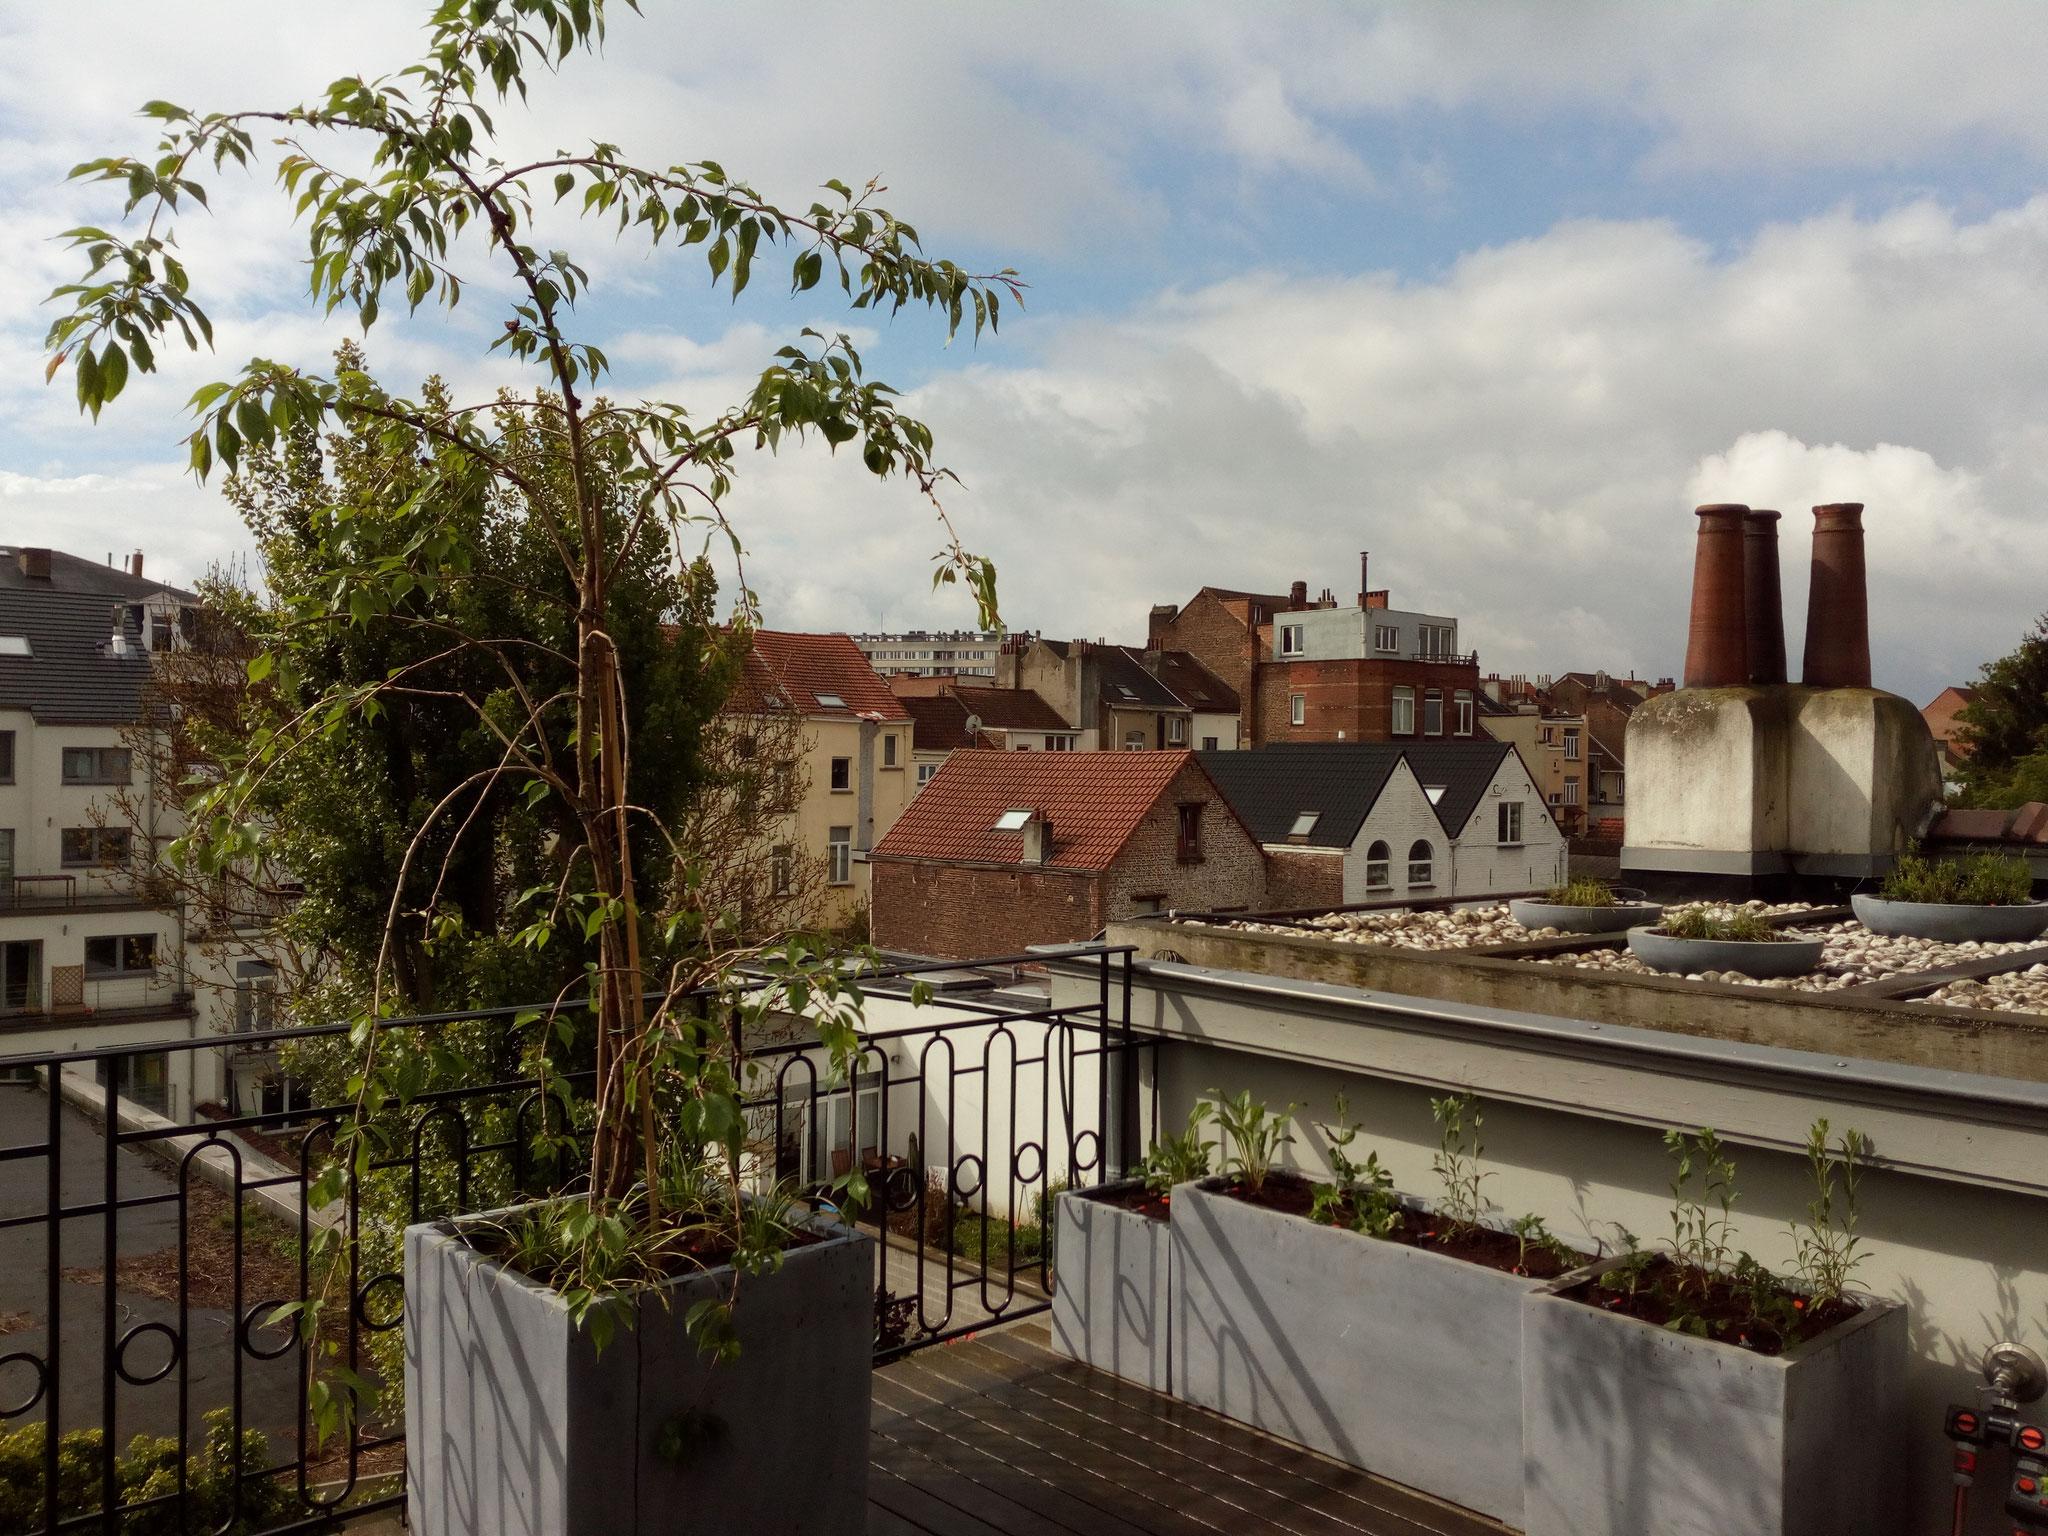 Terrasse 30m2 - Ambiance verger fleuri - Partie droite & face - Amenagement jardin Bruxelles